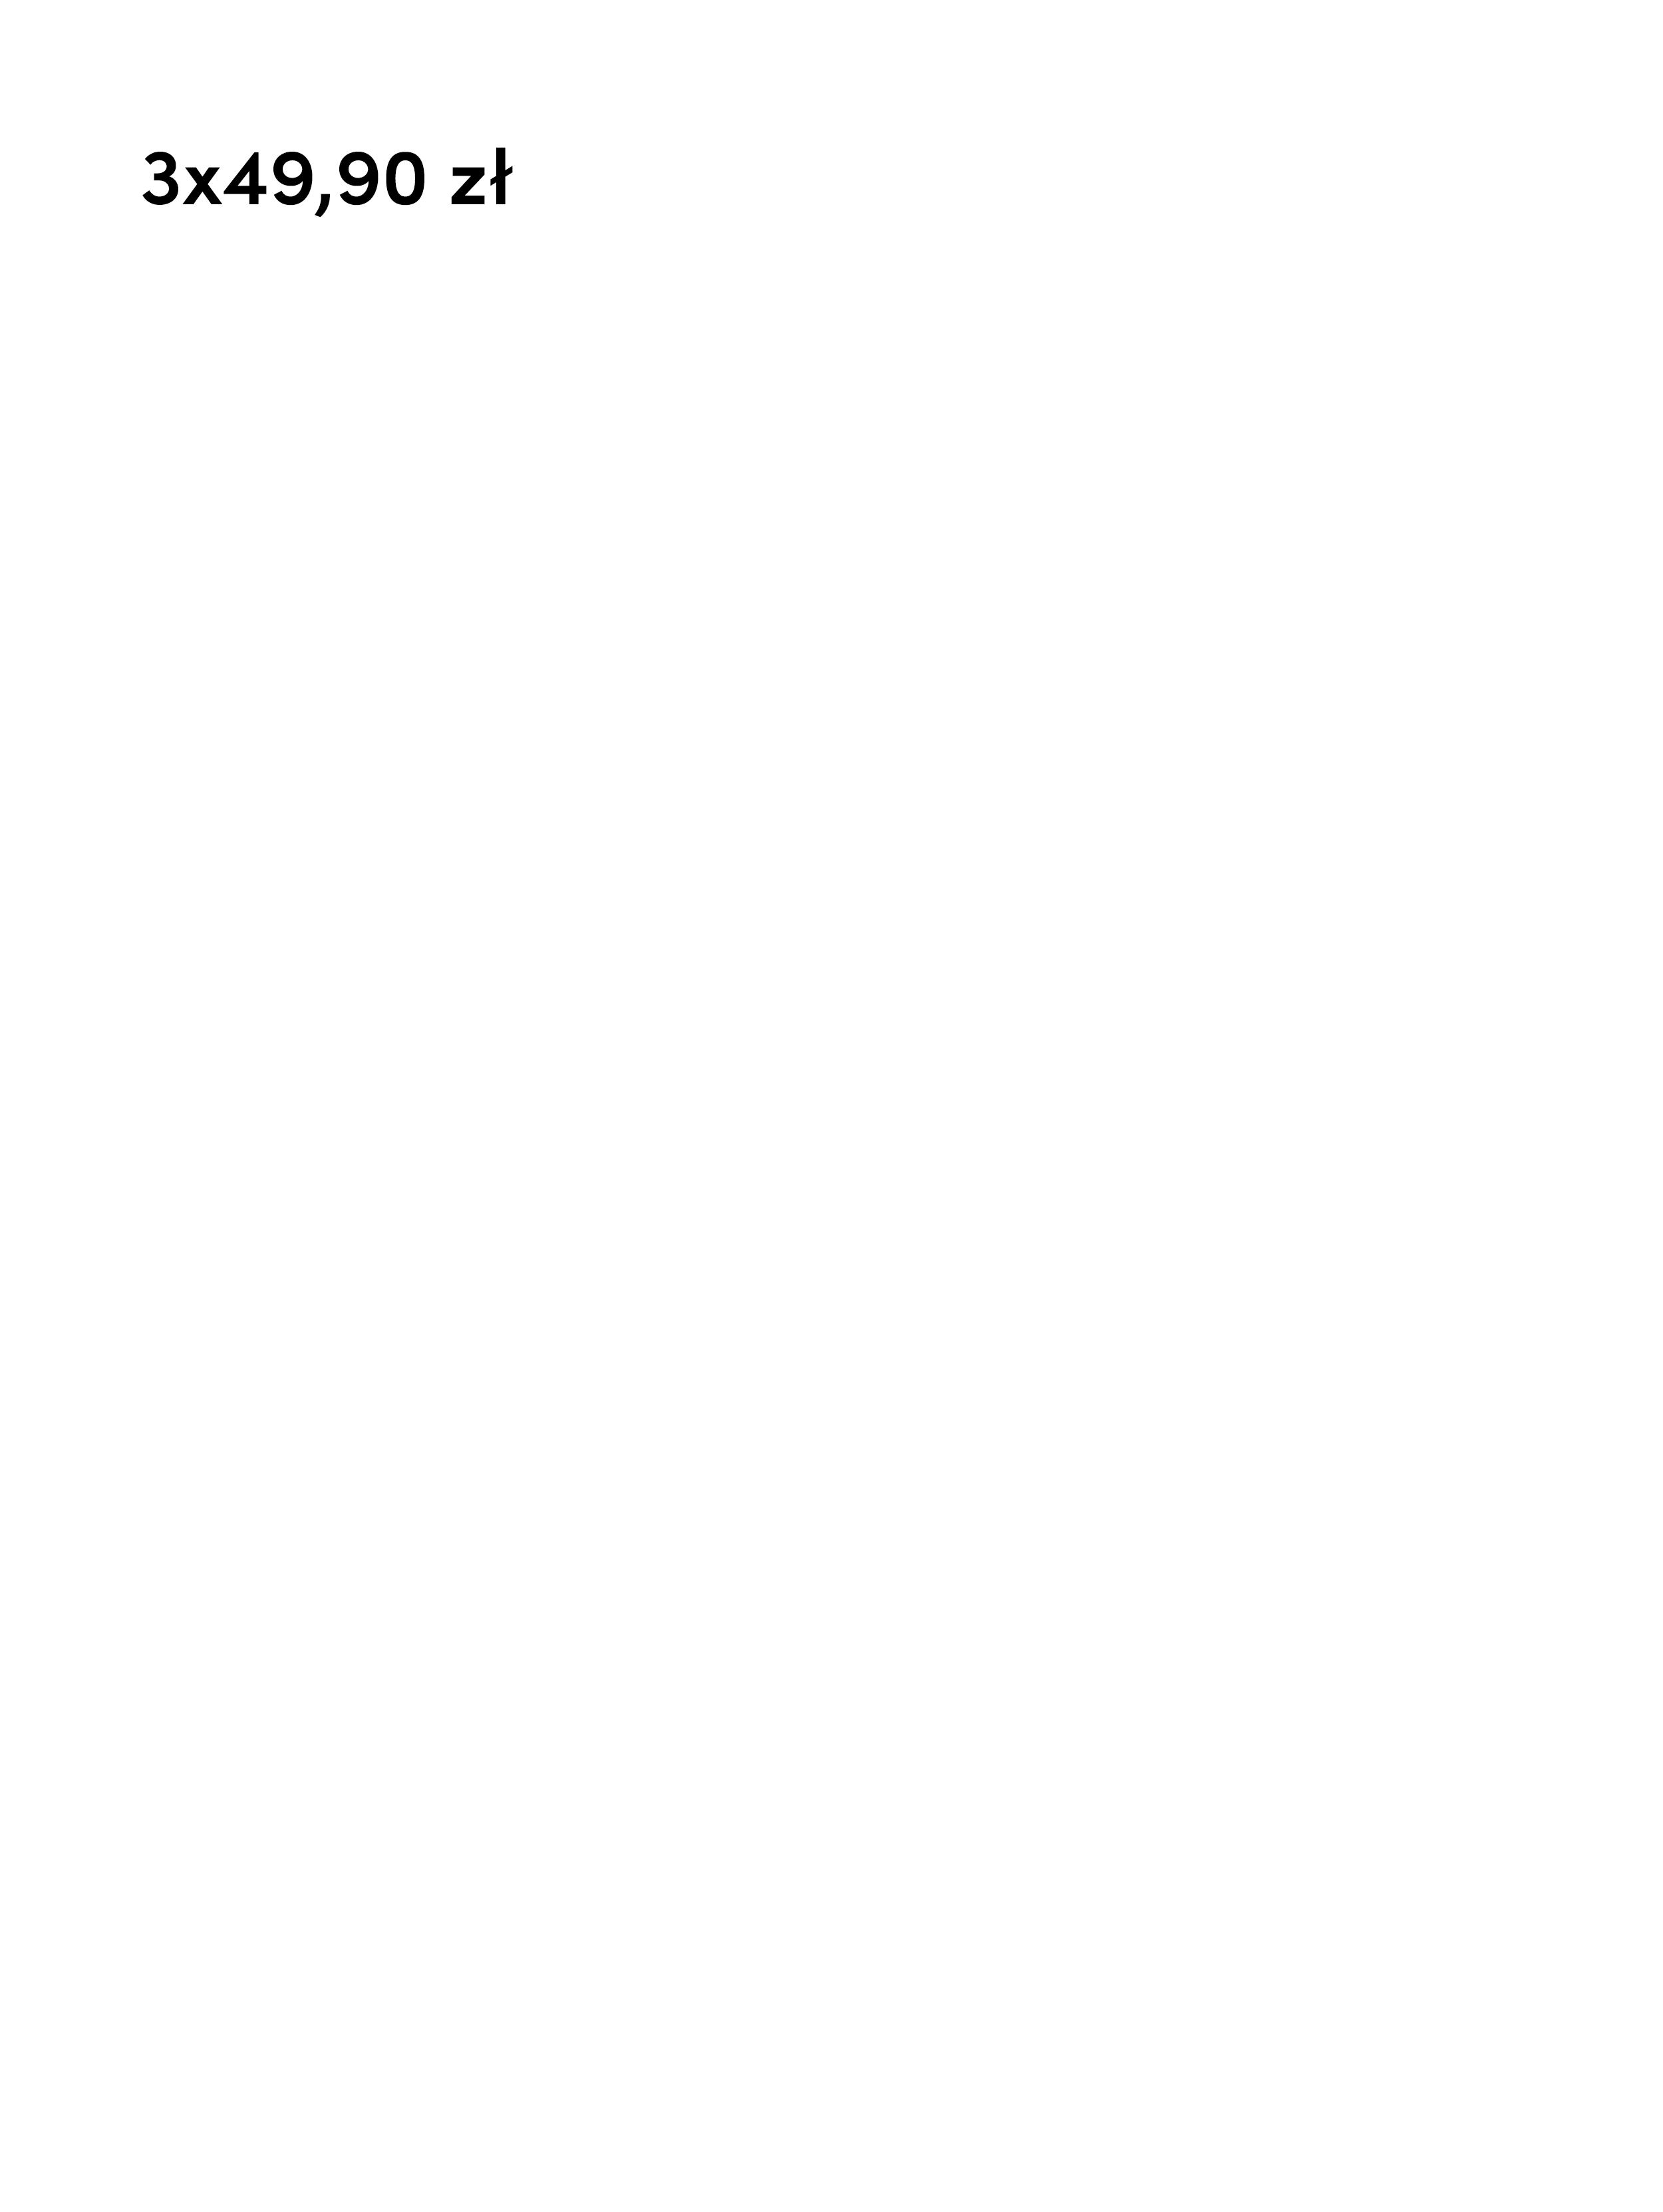 PL_3x49,90